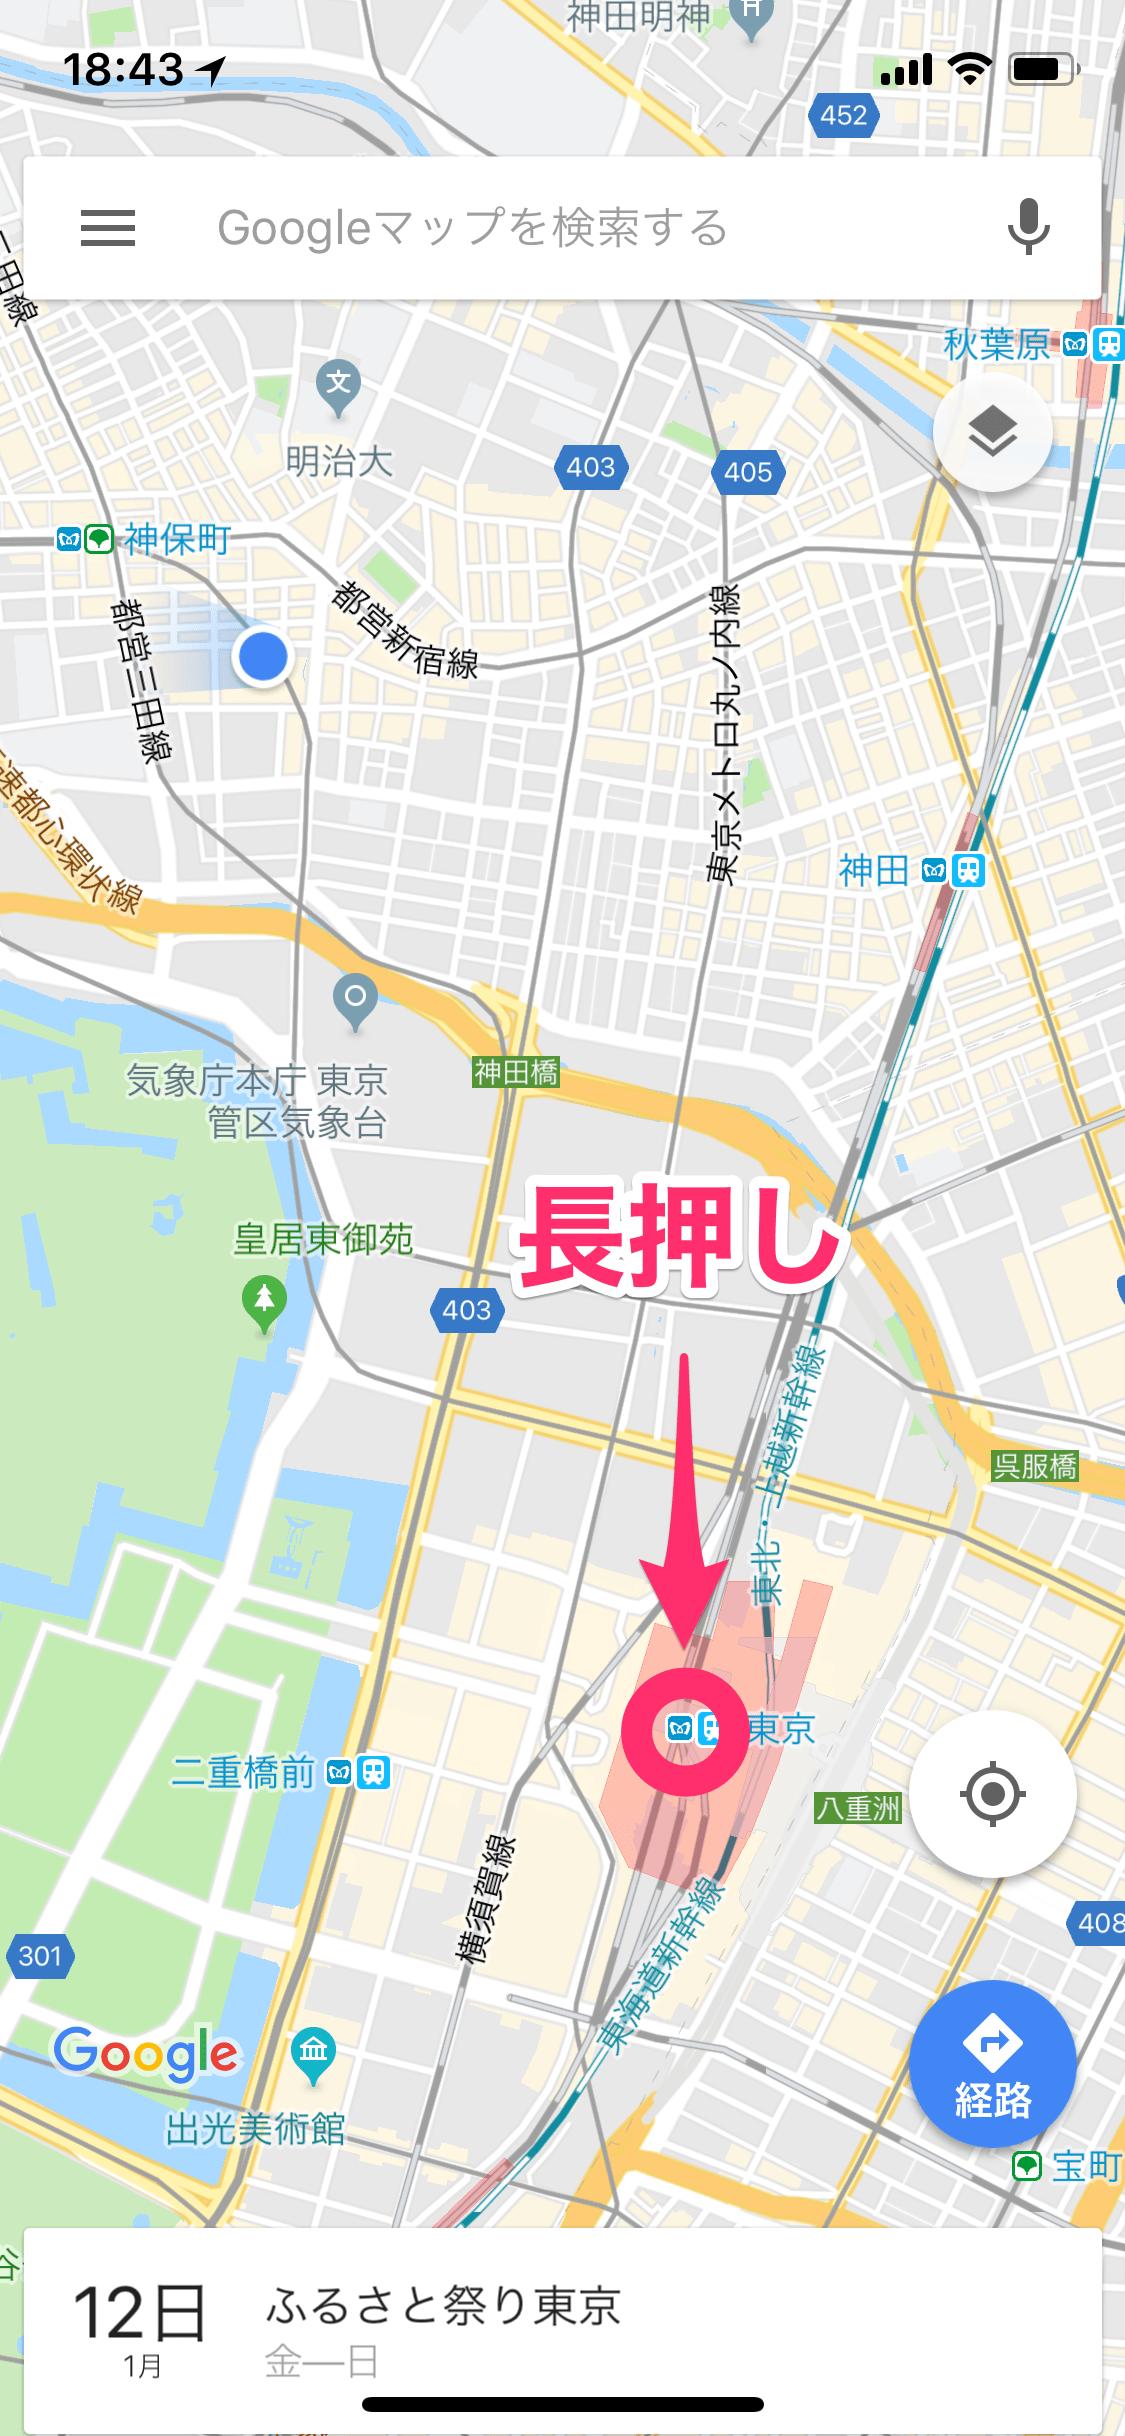 【Googleマップ】iPhoneでも! 地点間の「直線距離」をアプリで調べる方法